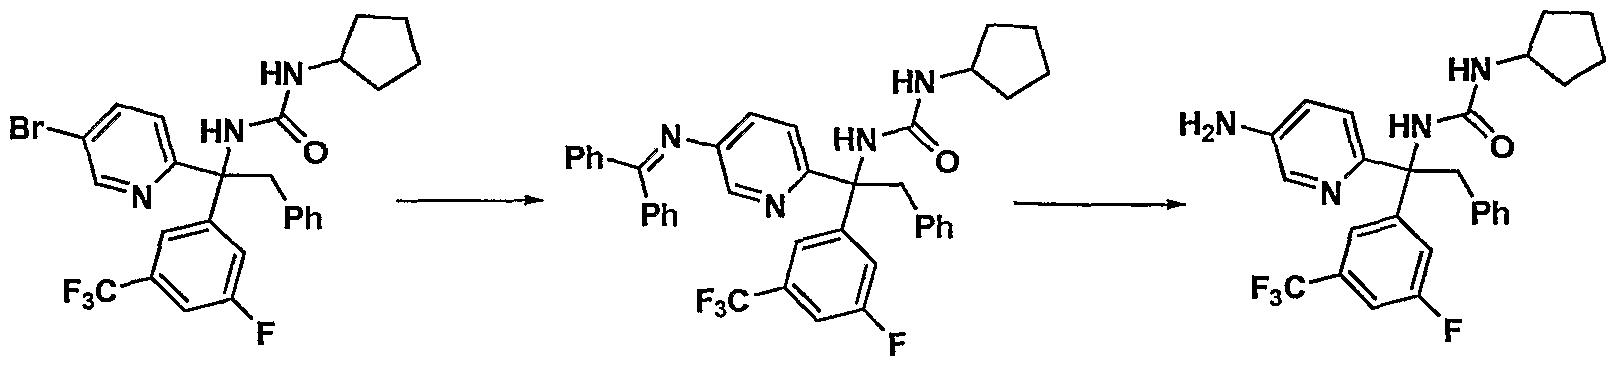 Figure imgf000405_0002